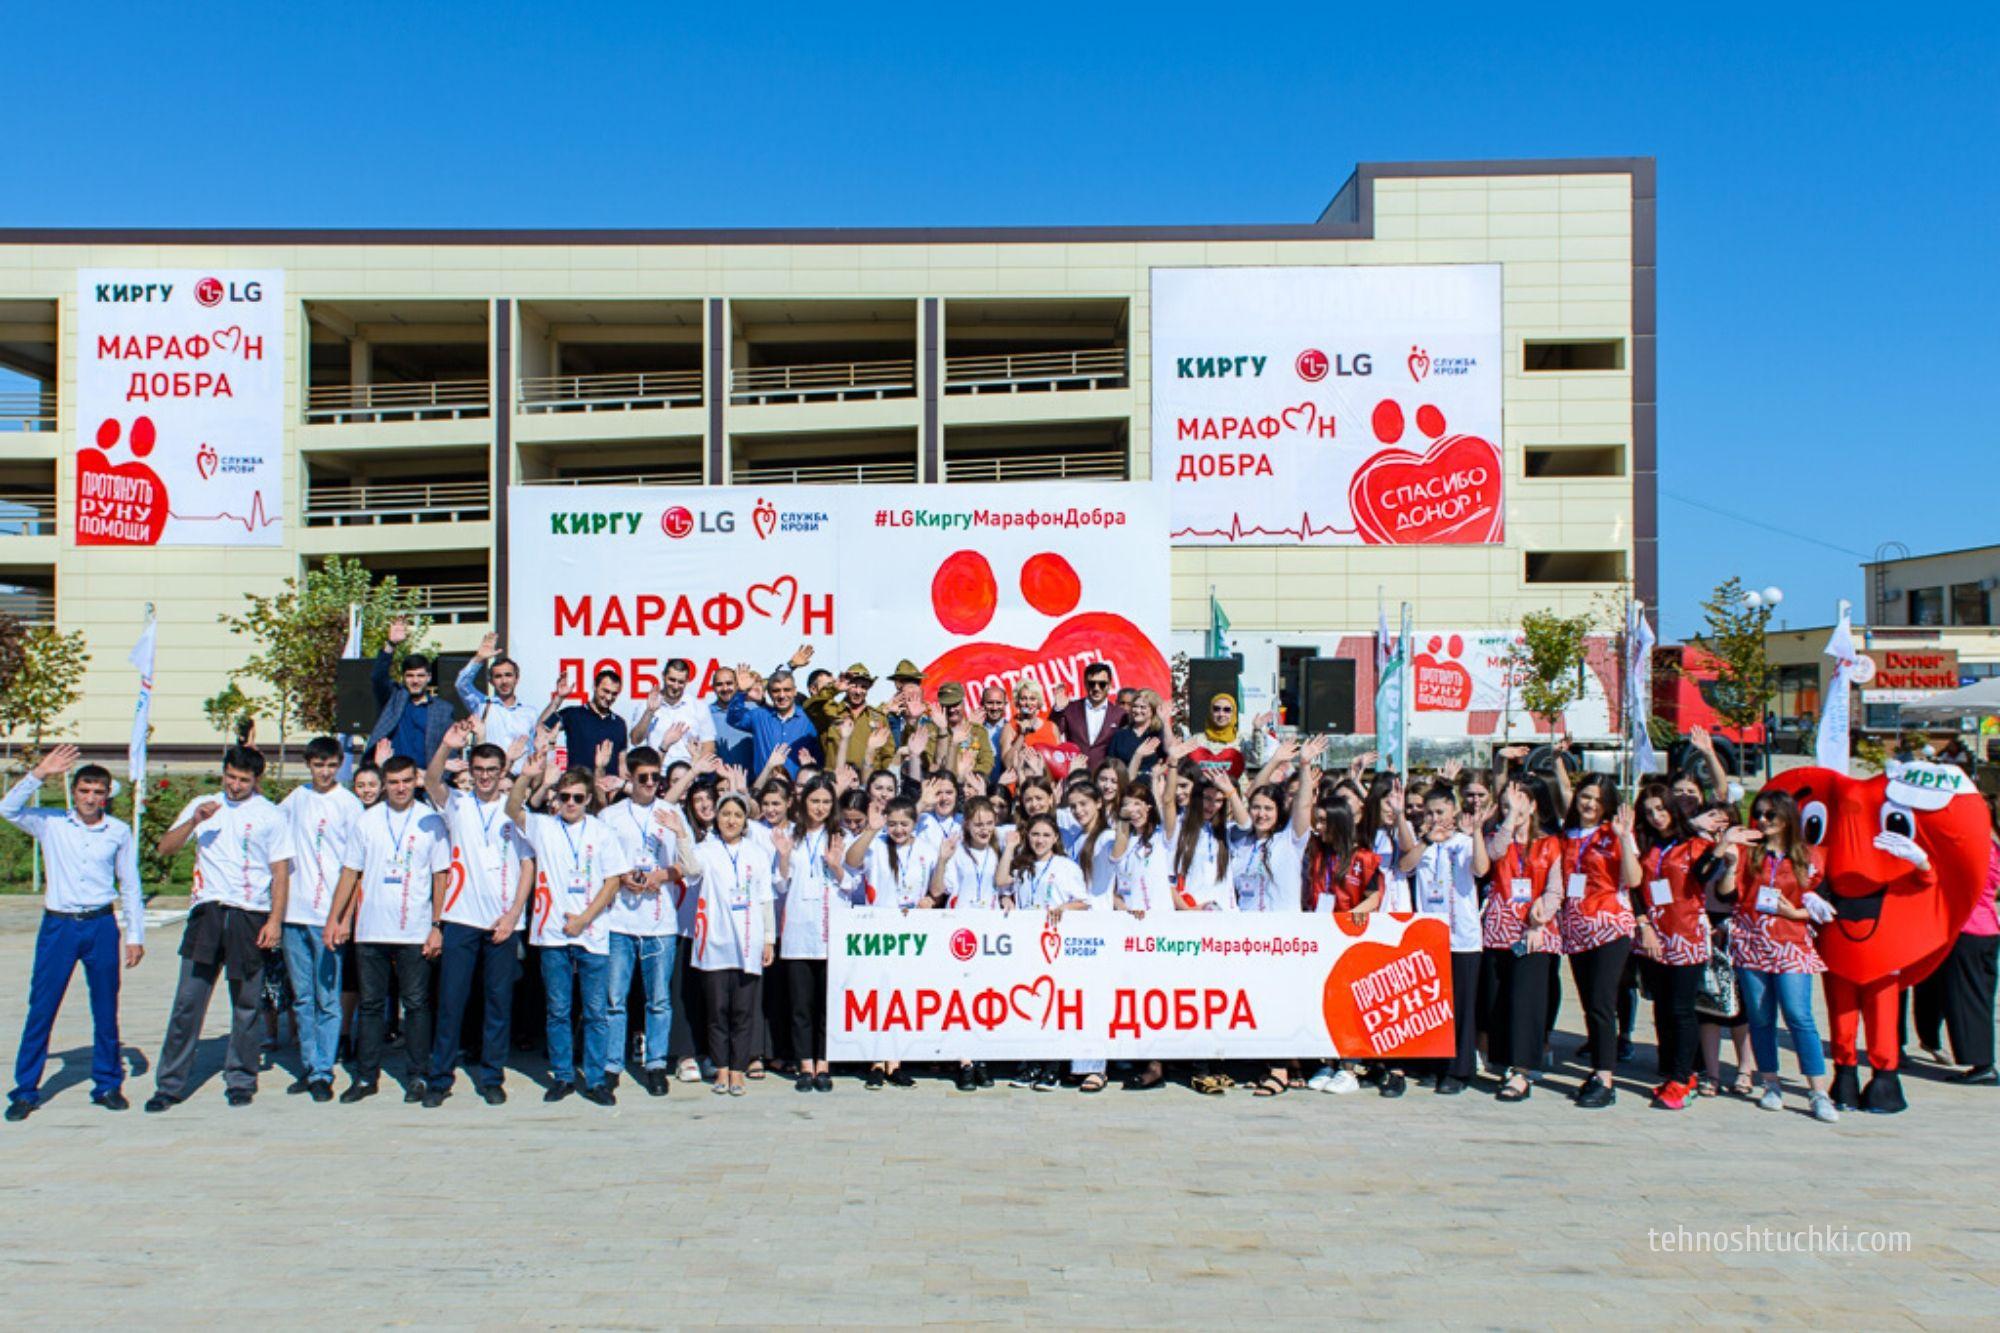 Масштабный донорский проект #LGКиргуМарафонДобра успешно завершен в Дагестане